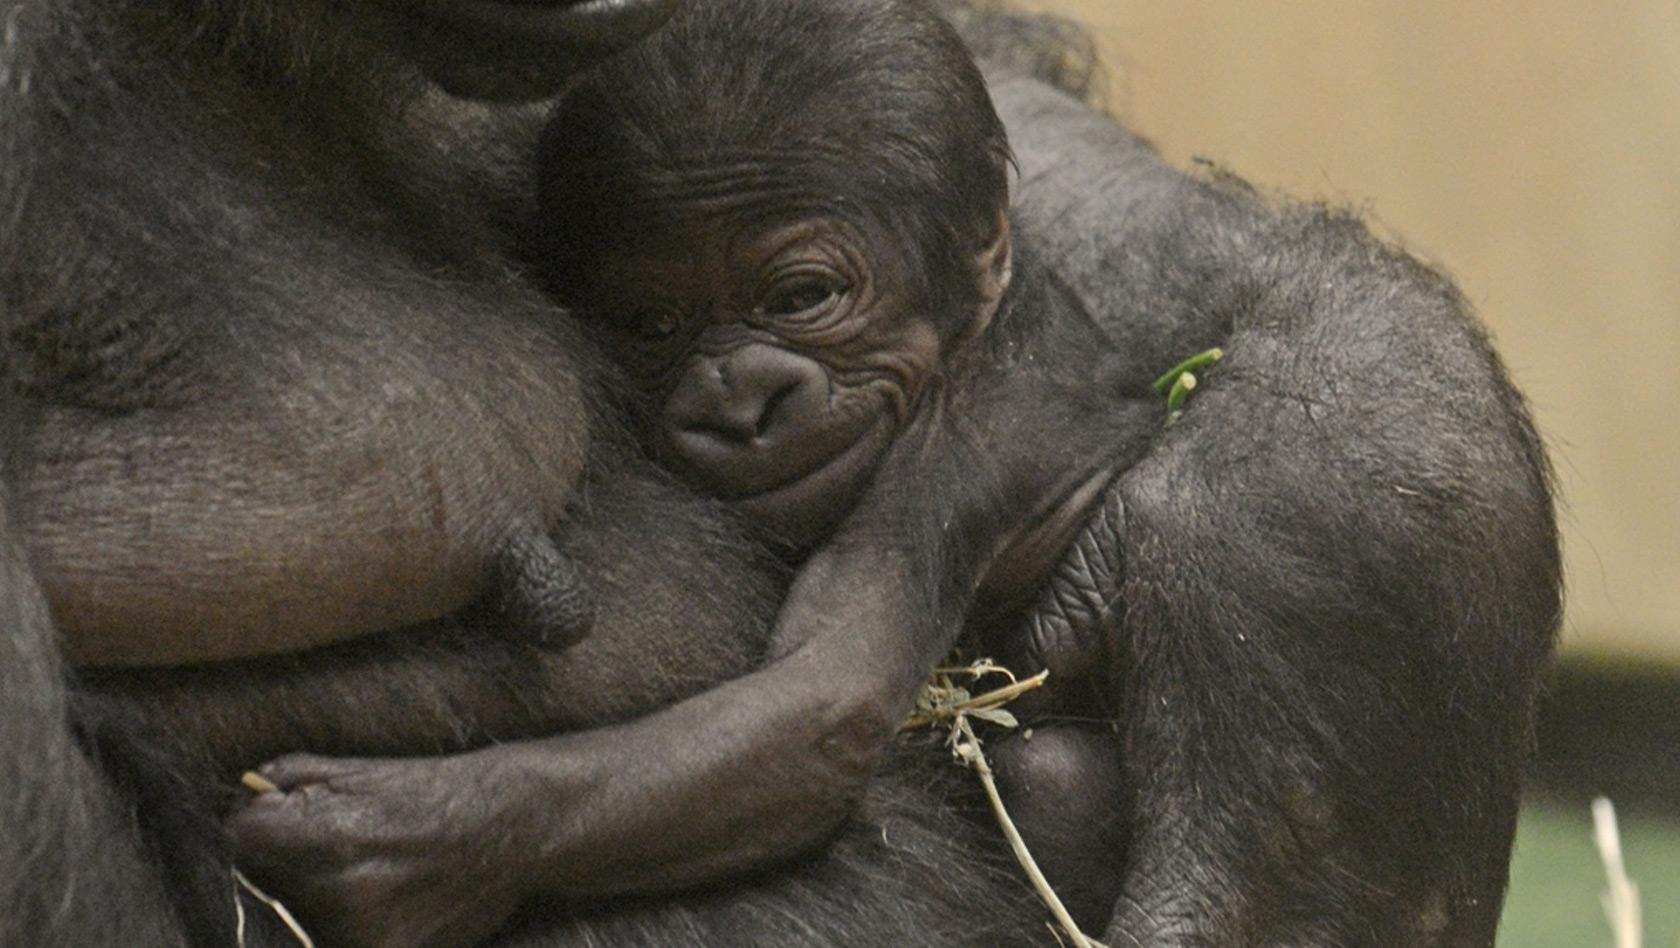 berraschungs gorilla baby aus dem allwetterzoo ist ein m dchen. Black Bedroom Furniture Sets. Home Design Ideas